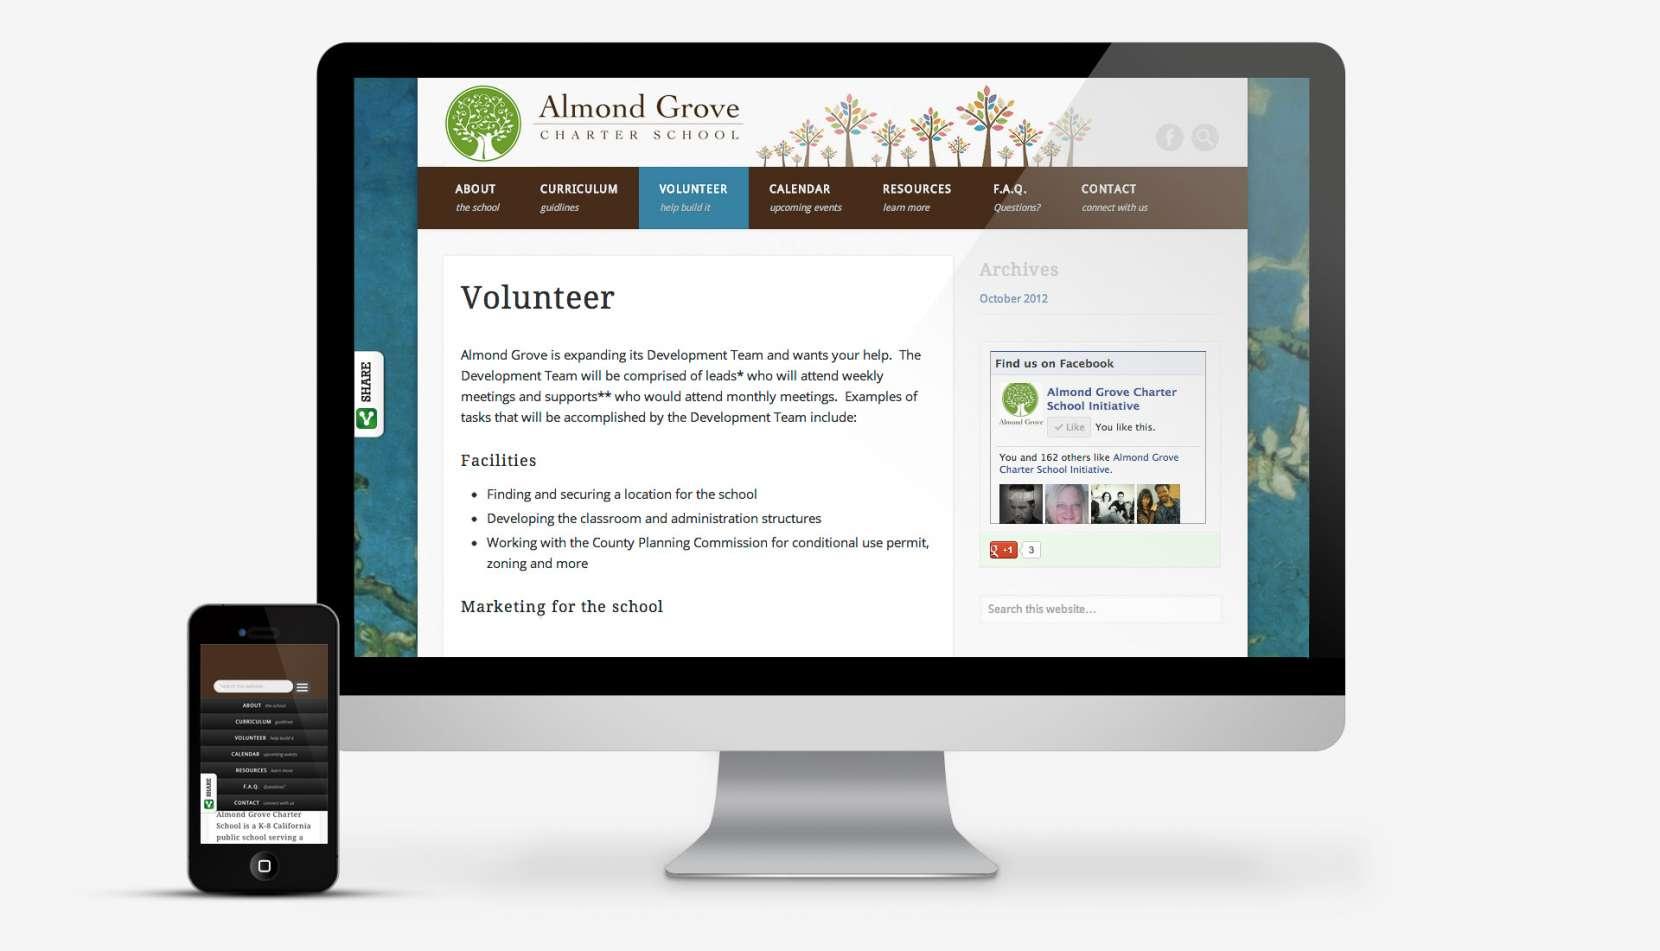 almondgrove_02-1660x951.jpg